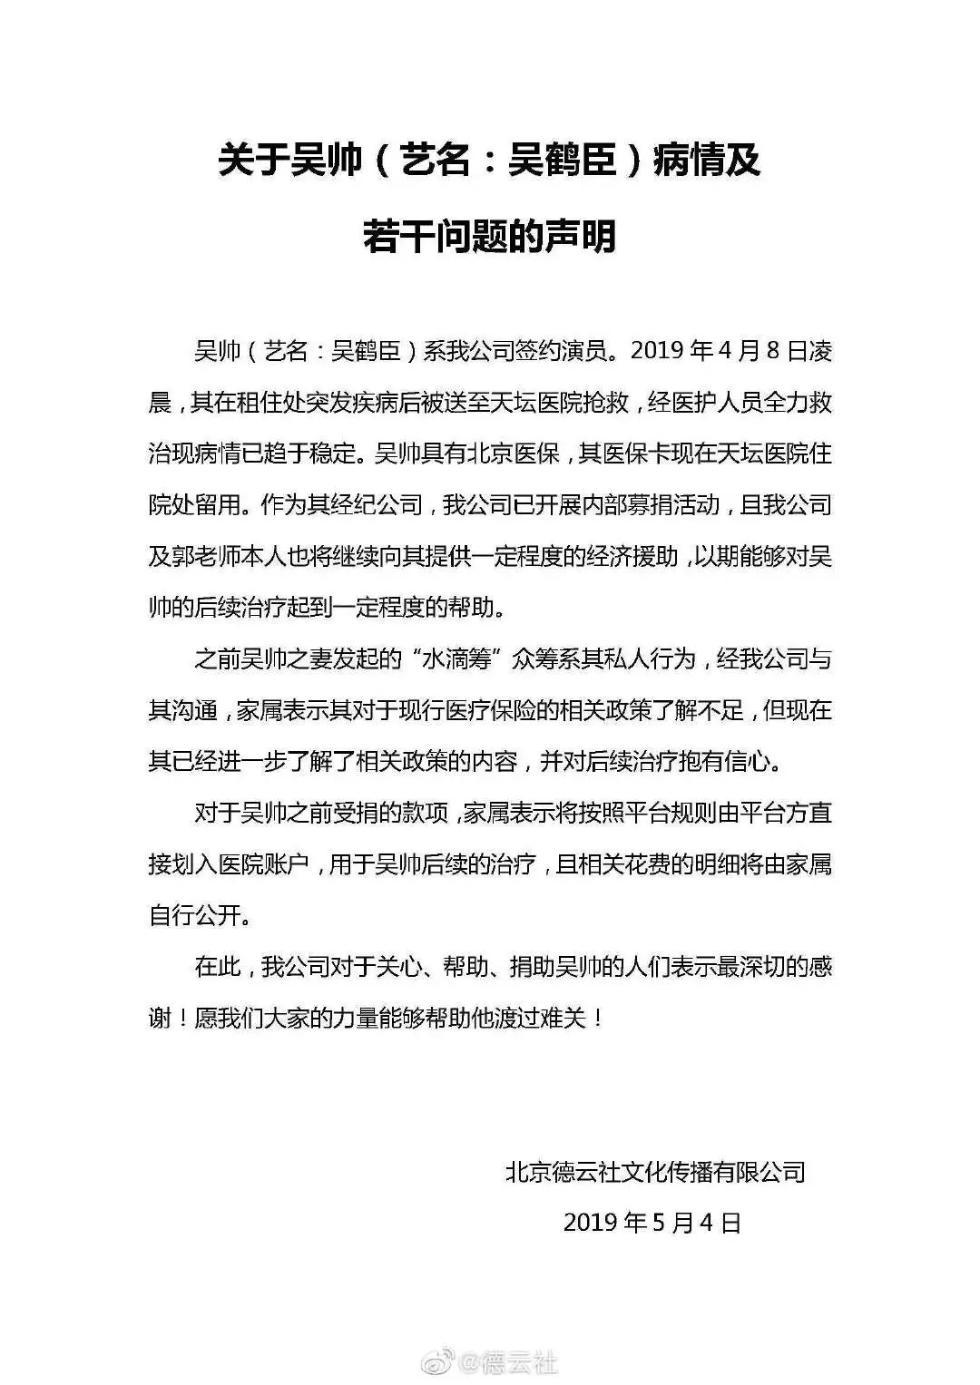 德云社相声演员众筹百万被指骗捐,多方回应